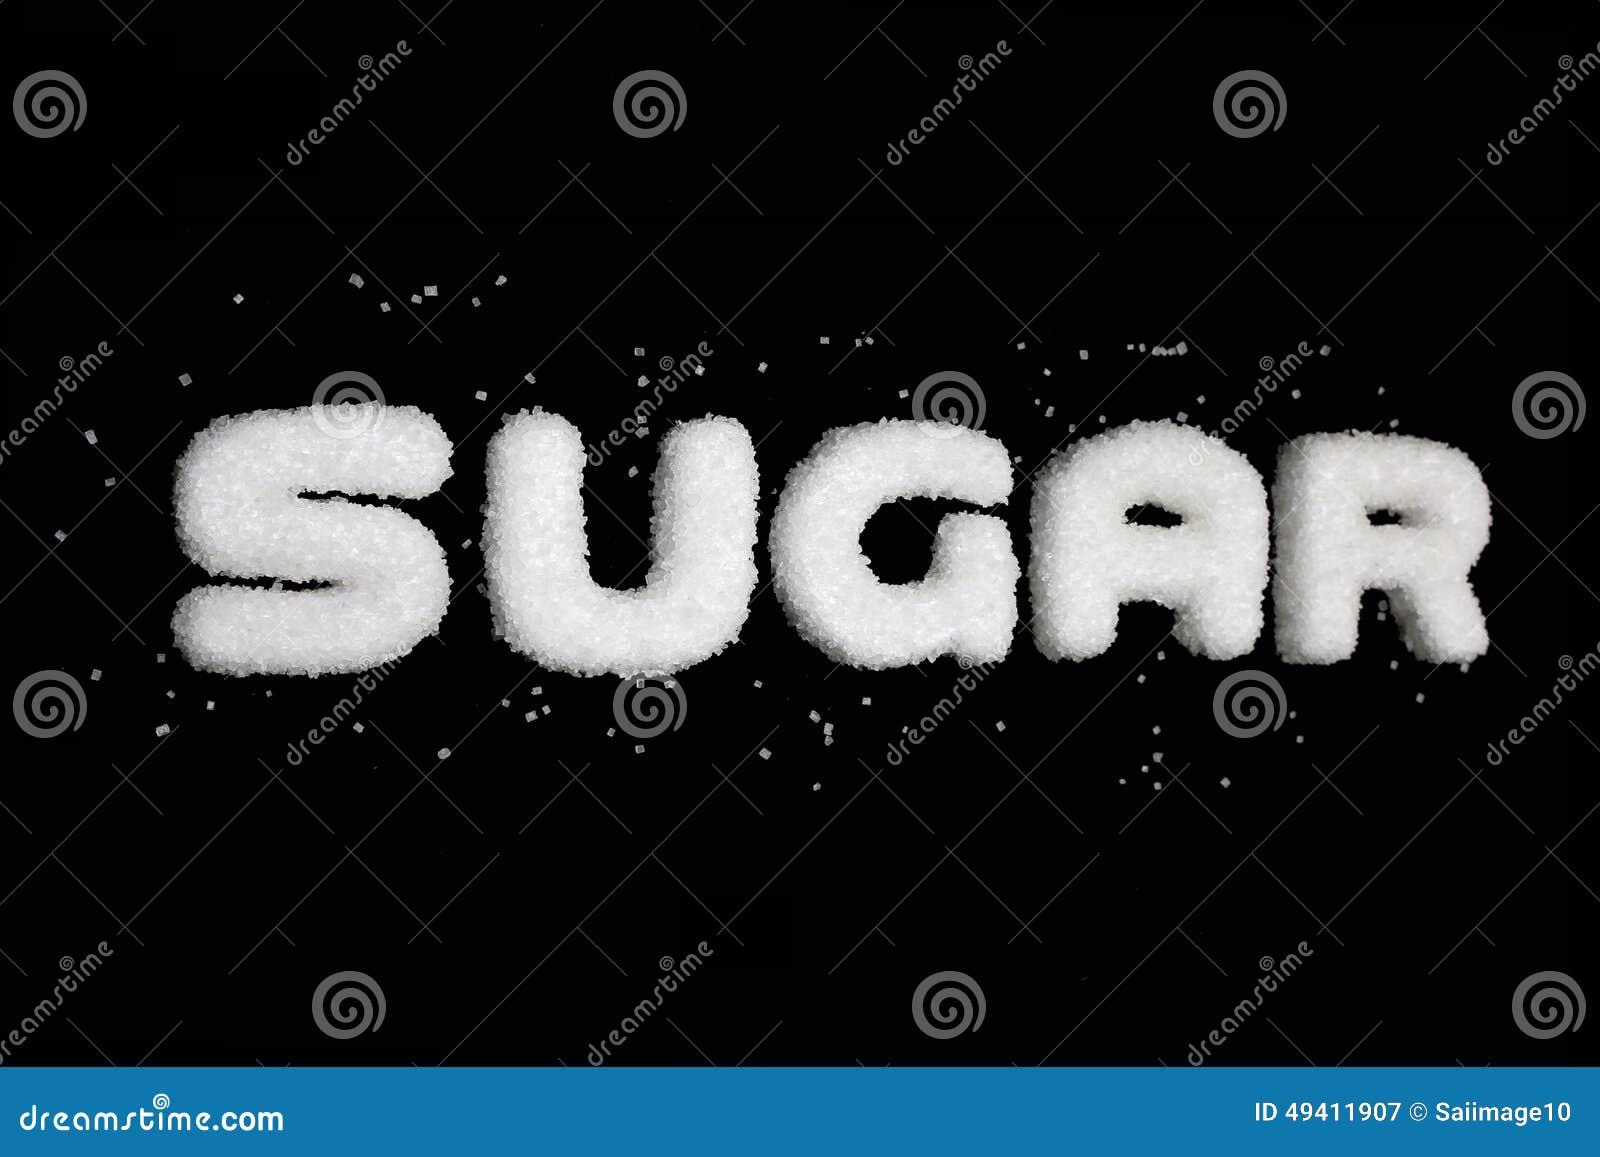 Download Zucker stockbild. Bild von lebensstile, nahrung, nähren - 49411907